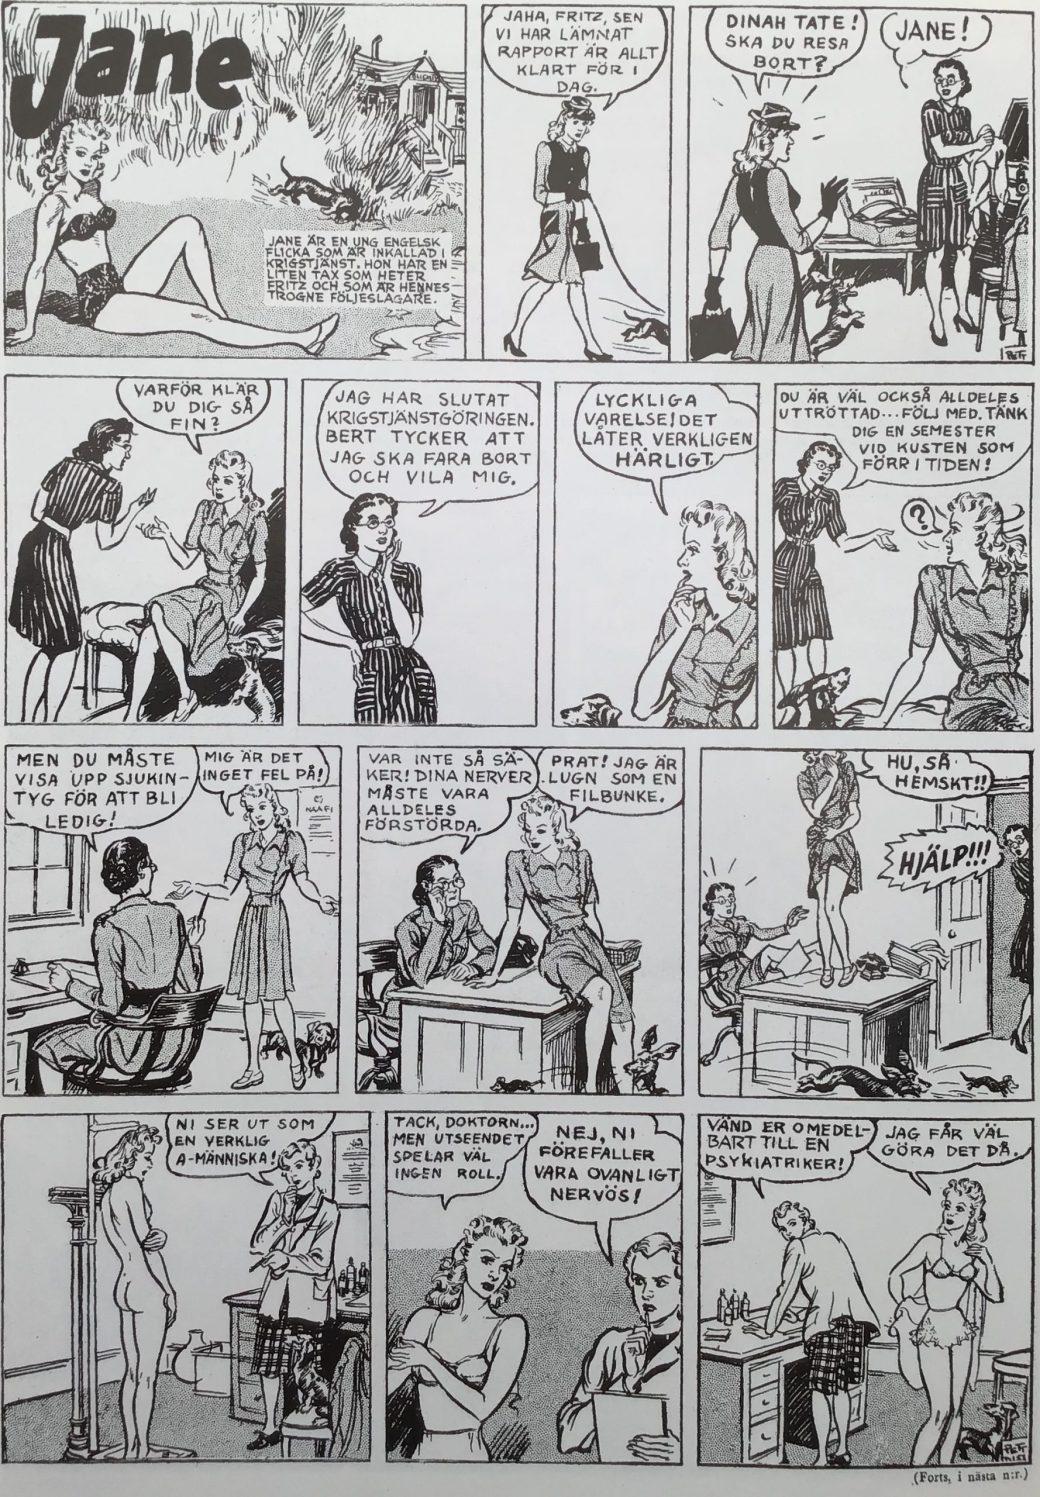 Första stripparna med Jane ur Karl-Alfred nr 1, 1946. ©Daily Mirror